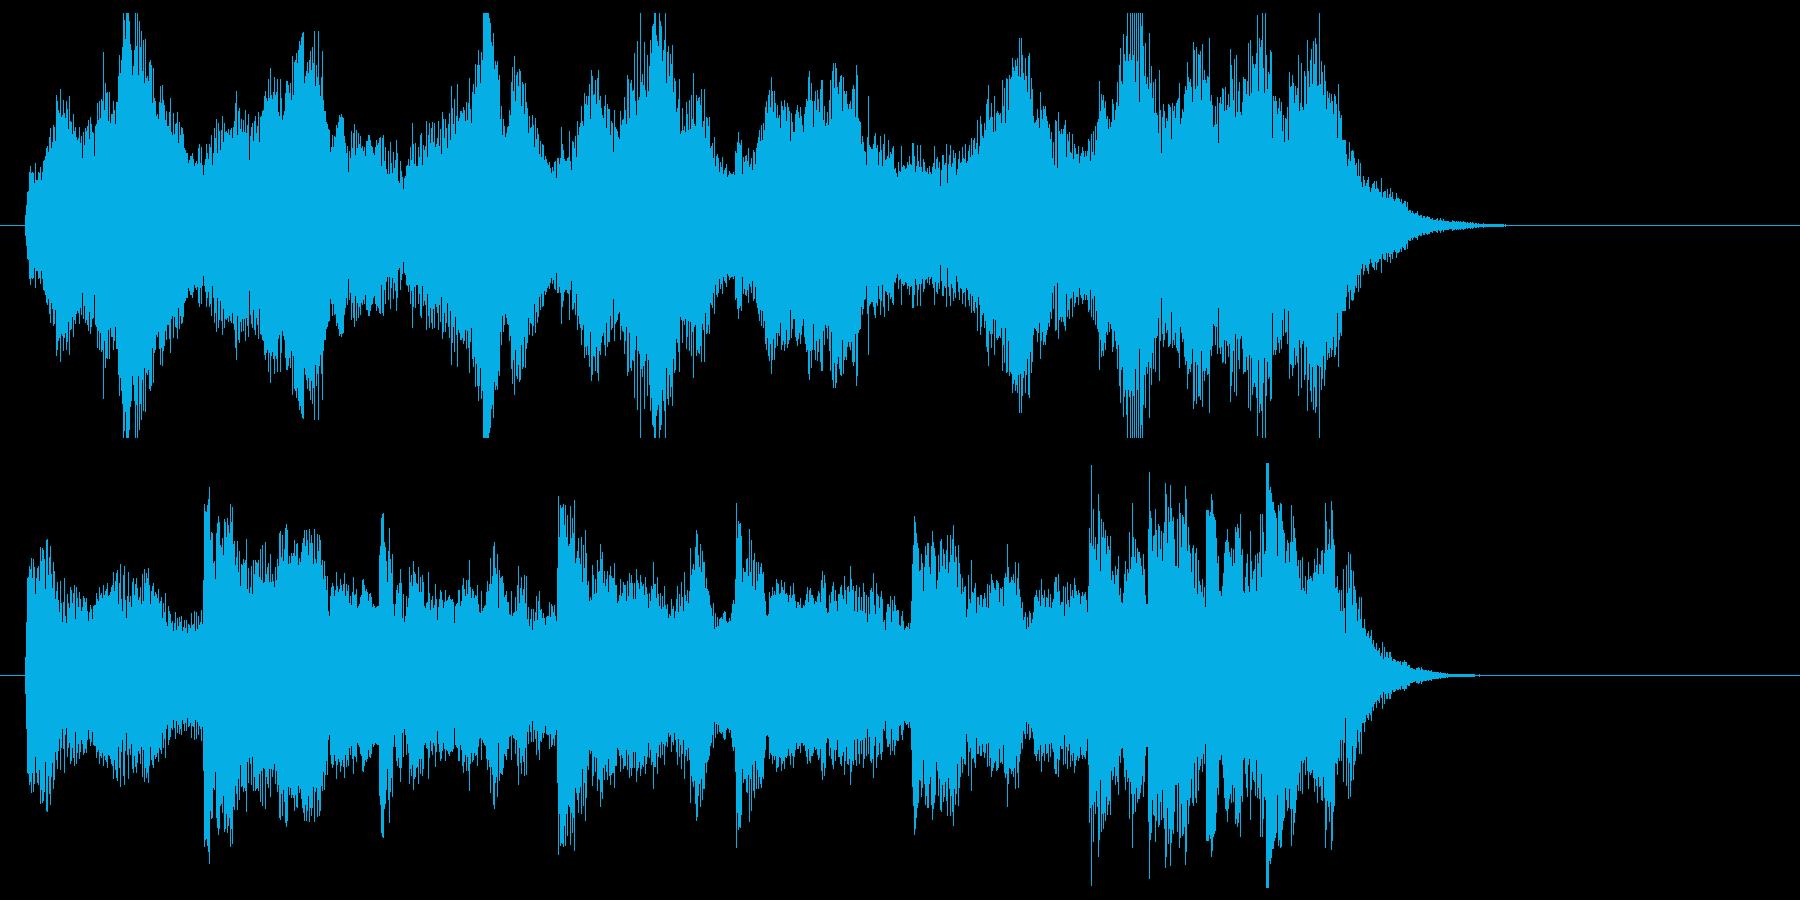 緩やかで優しいリラクゼーションジングルの再生済みの波形